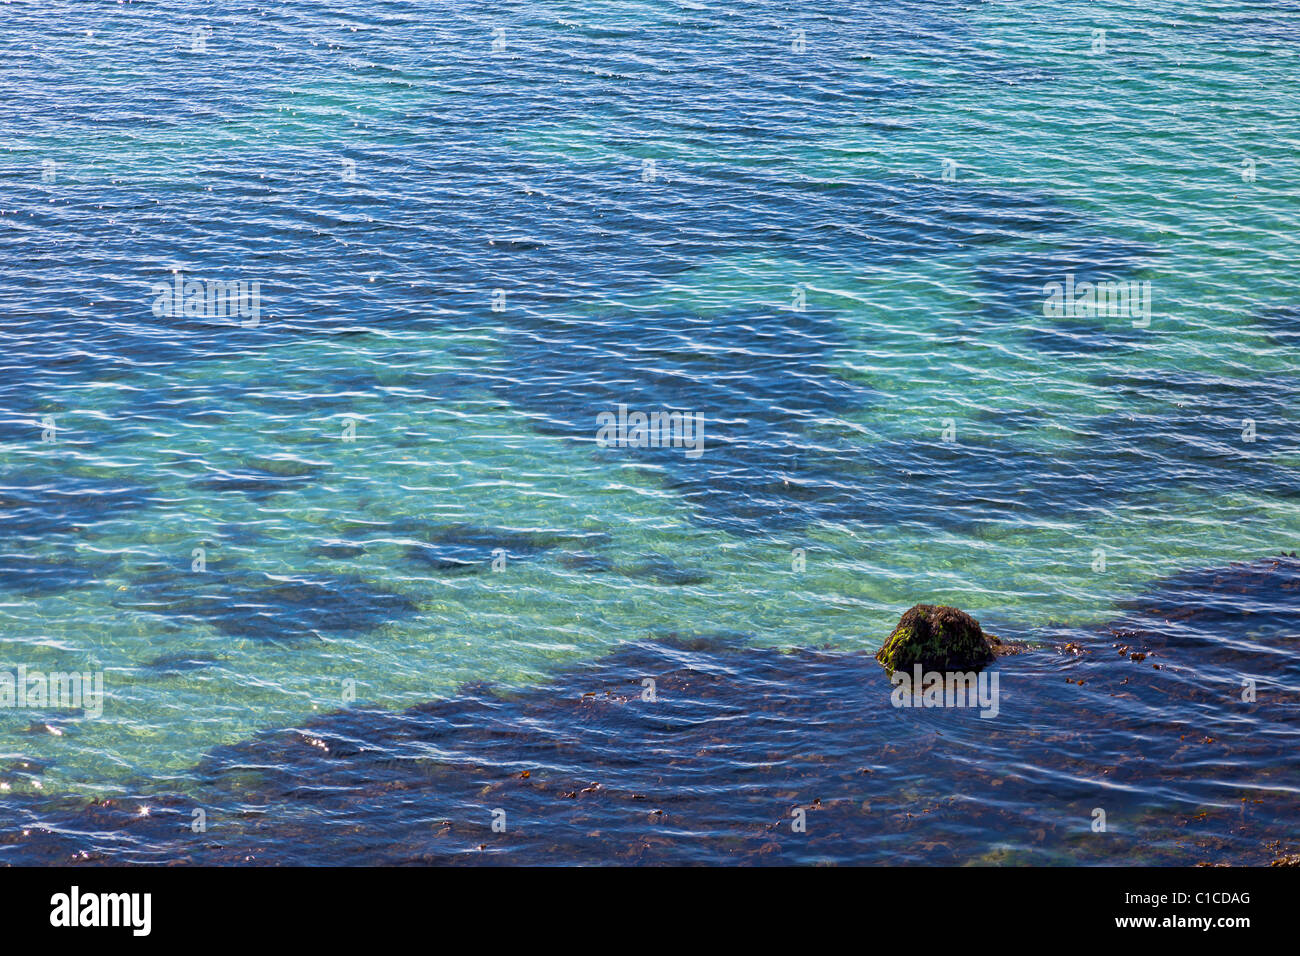 Mare poco profondo e ondulazioni di acqua che copre le alghe, Francia, Europa Immagini Stock